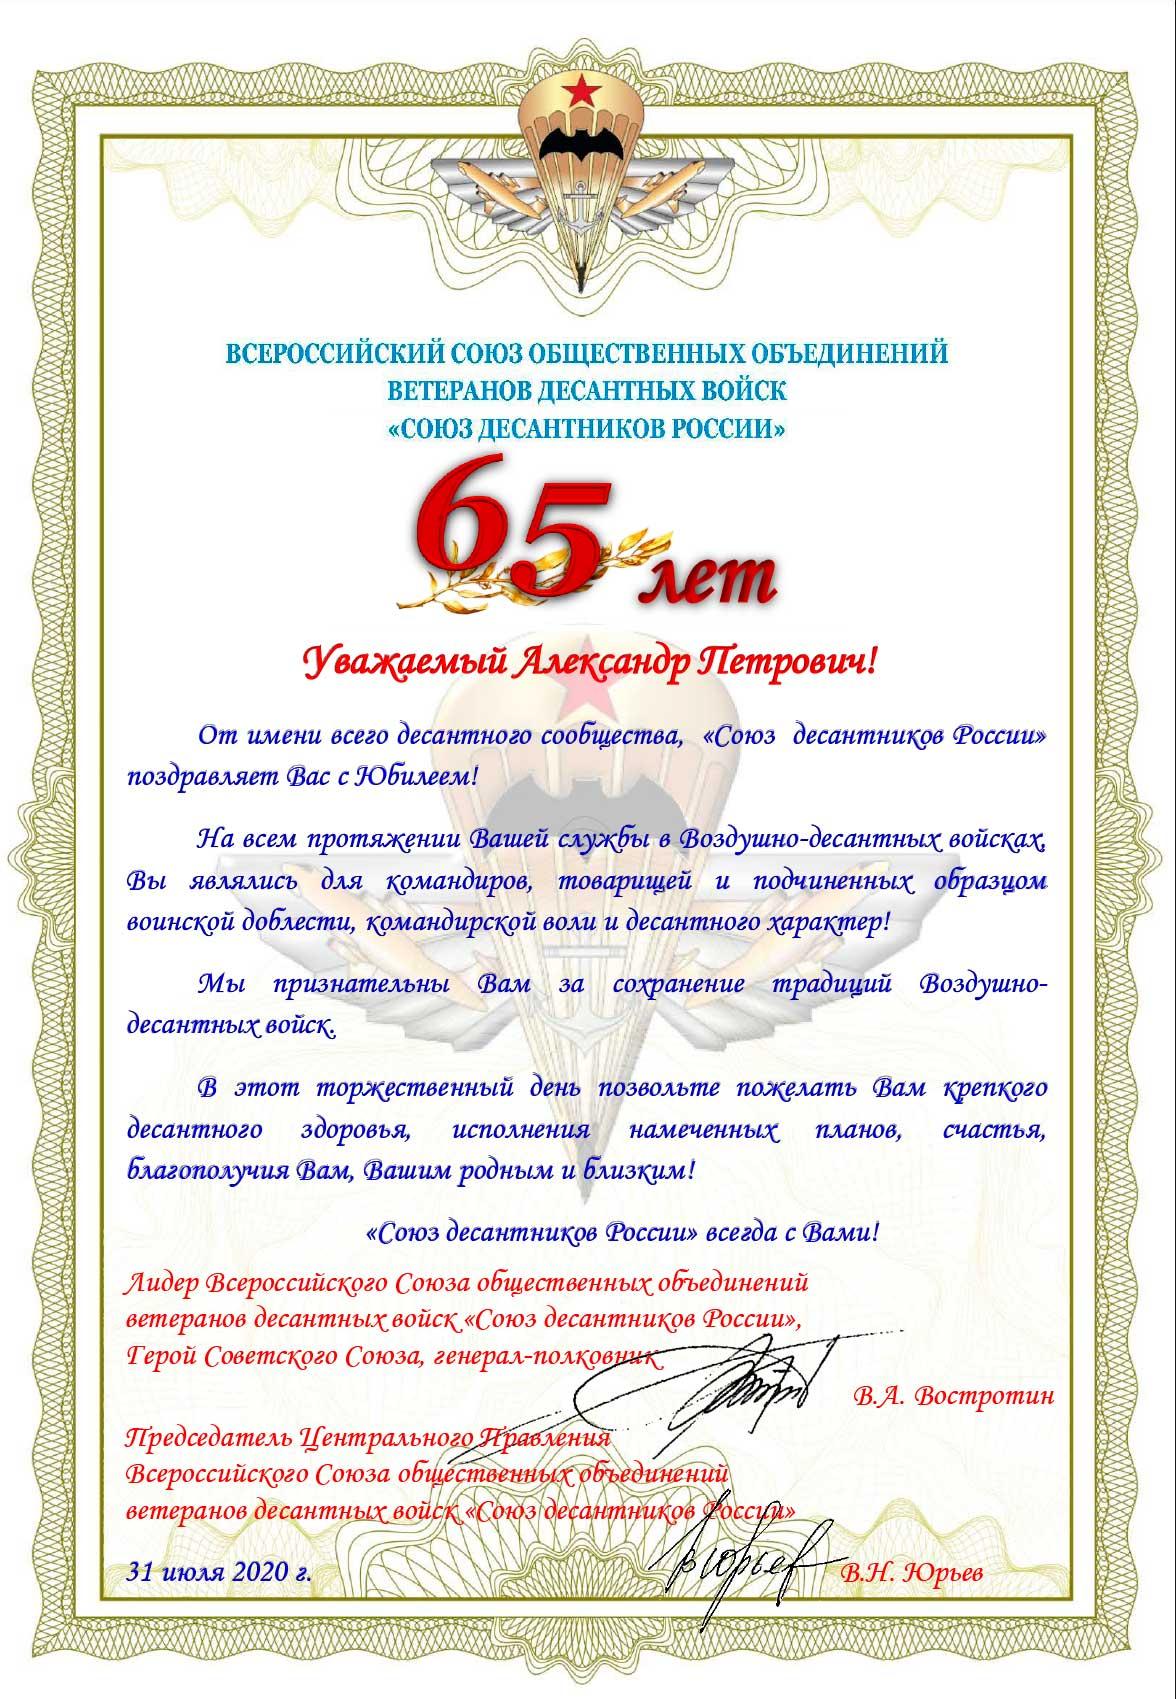 ПОЗДРАВЛЯЕМ С ЮБИЛЕЕМ ПРЕДСЕДАТЕЛЯ ДОСААФ РОССИИ генерал-полковника КОЛМАКОВА АЛЕКСАНДРА ПЕТРОВИЧА